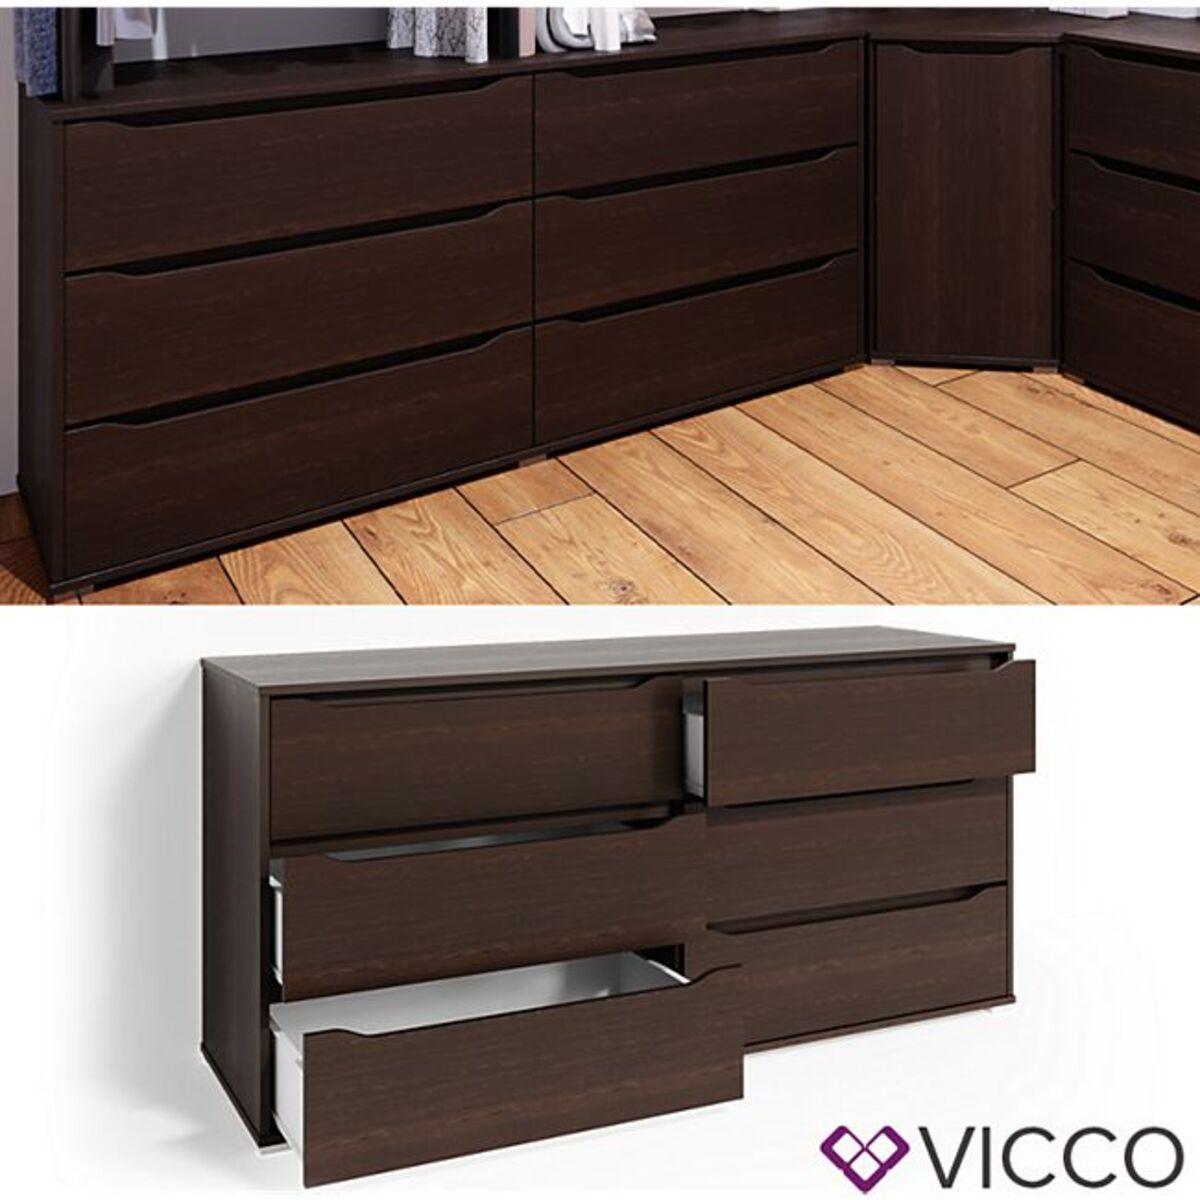 Bild 1 von VICCO Kommode RUBEN Wenge 6 Schubladen 160cm Sideboard Mehrzweckschrank Schrank